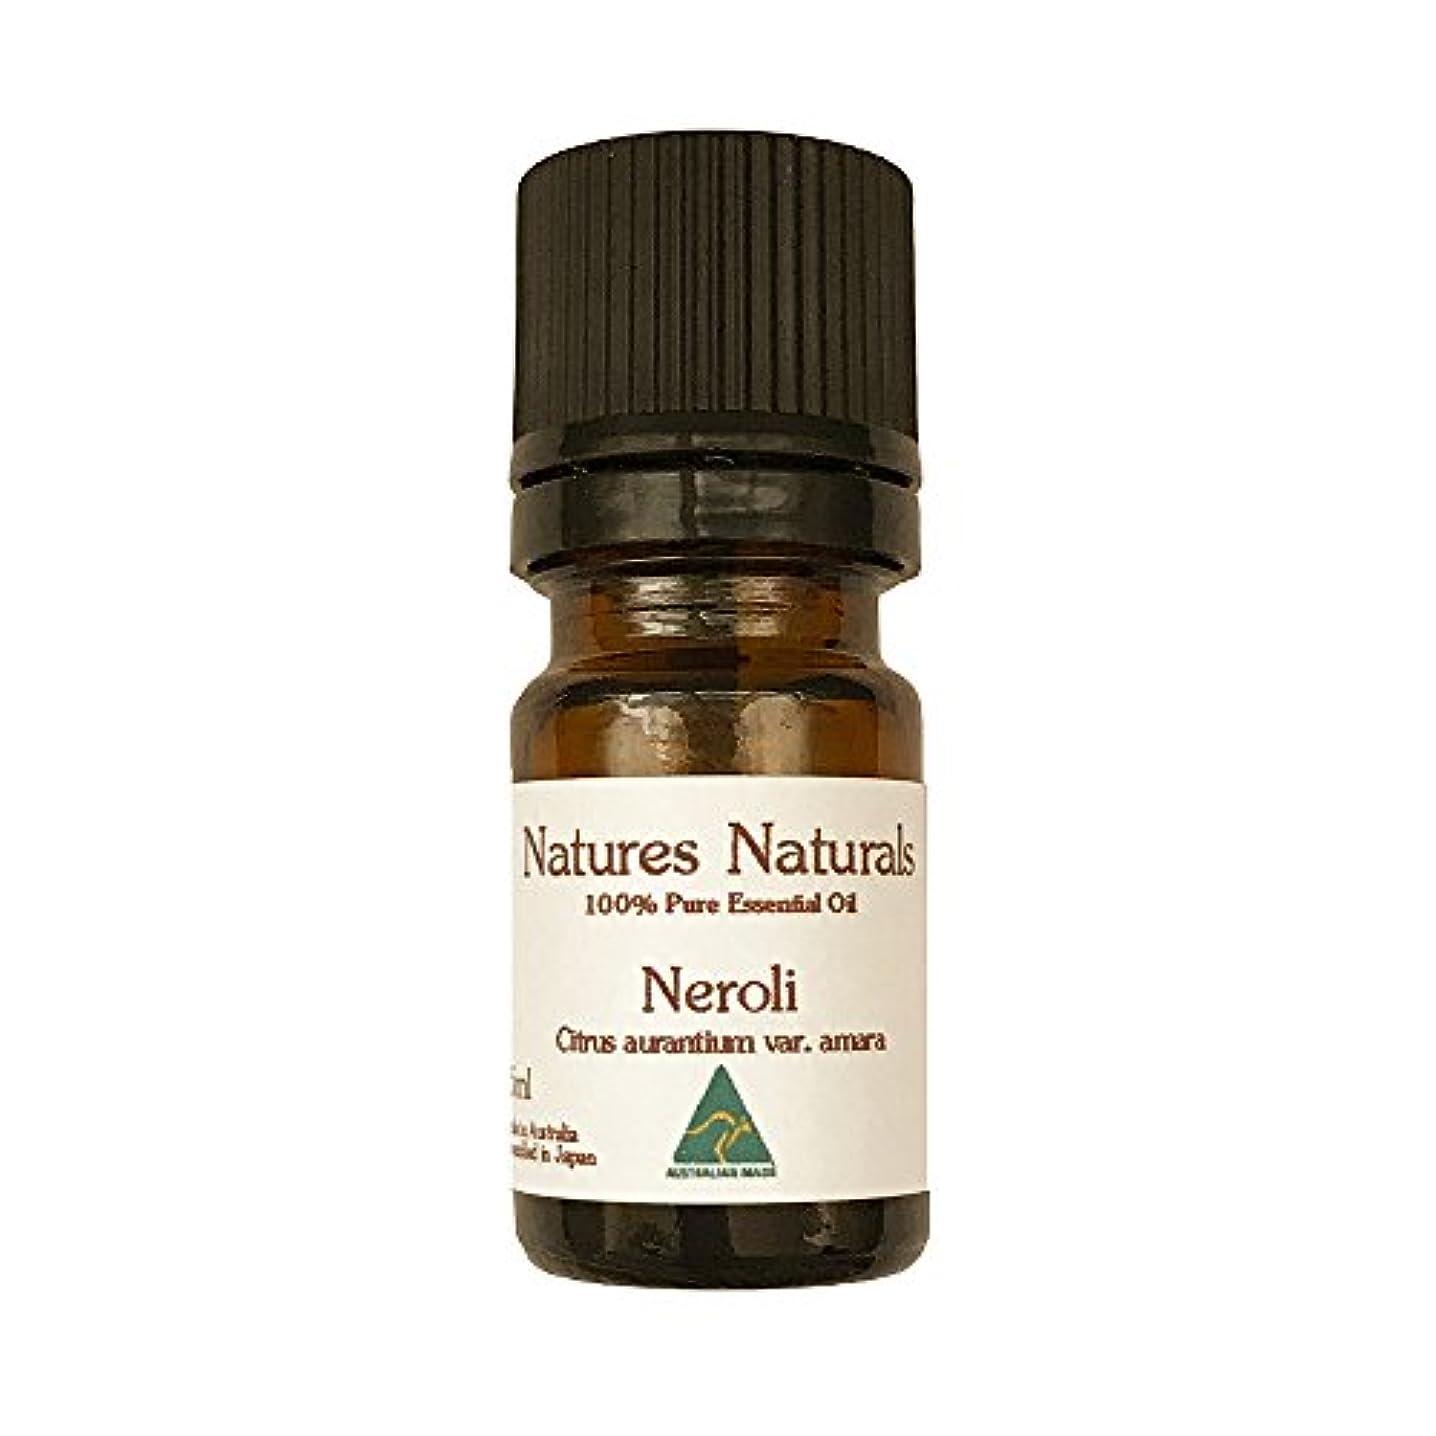 些細な機会フィールドネロリ 100% 天然精油 エッセンシャルオイル 5ml イタリア産ネロリ pure neroli essential oil